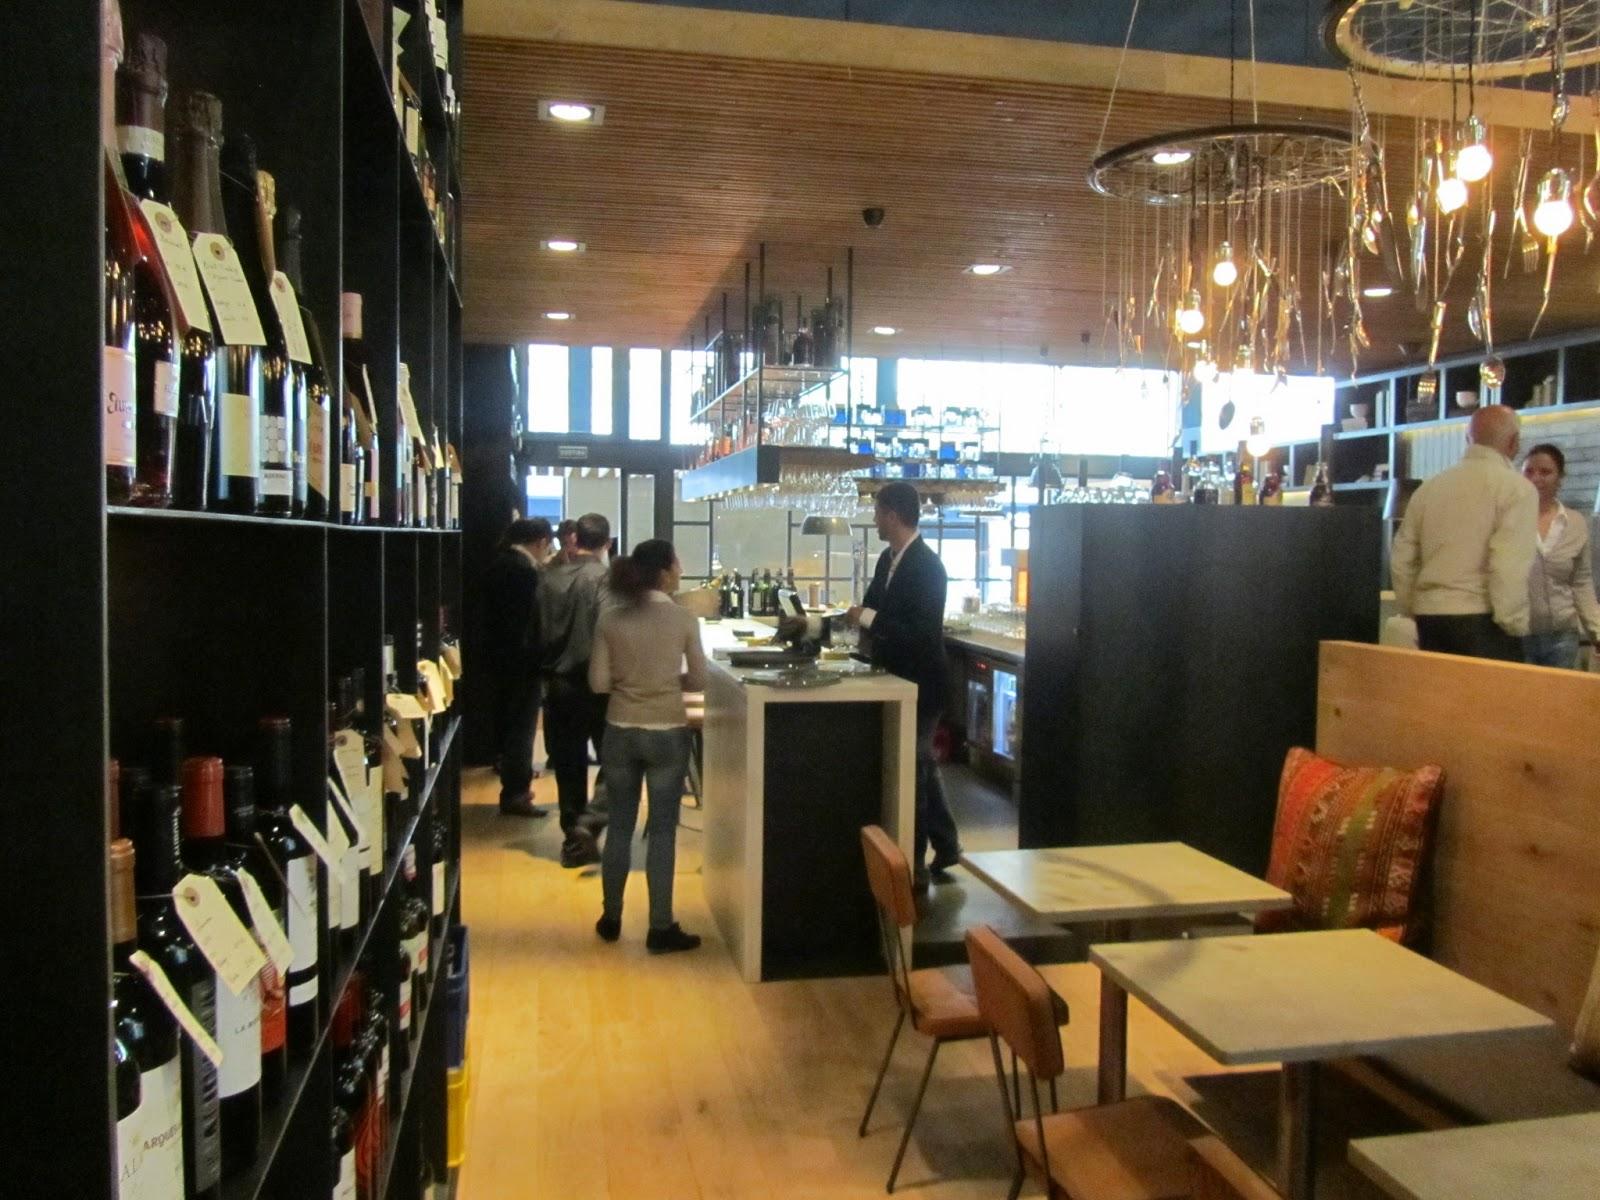 Les receptes del miquel restaurante loria en barcelona - Restaurante 7 puertas barcelona ...